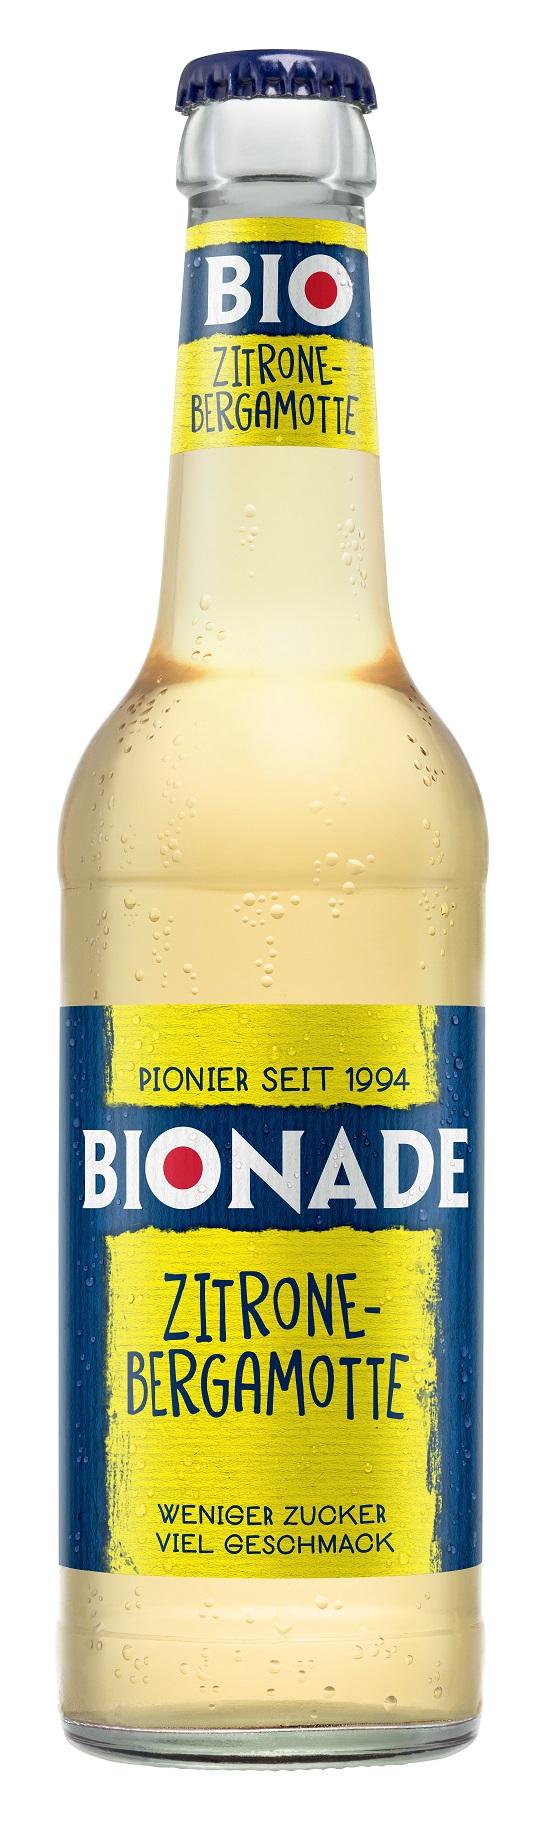 Bionade Zitrone-Bergamotte